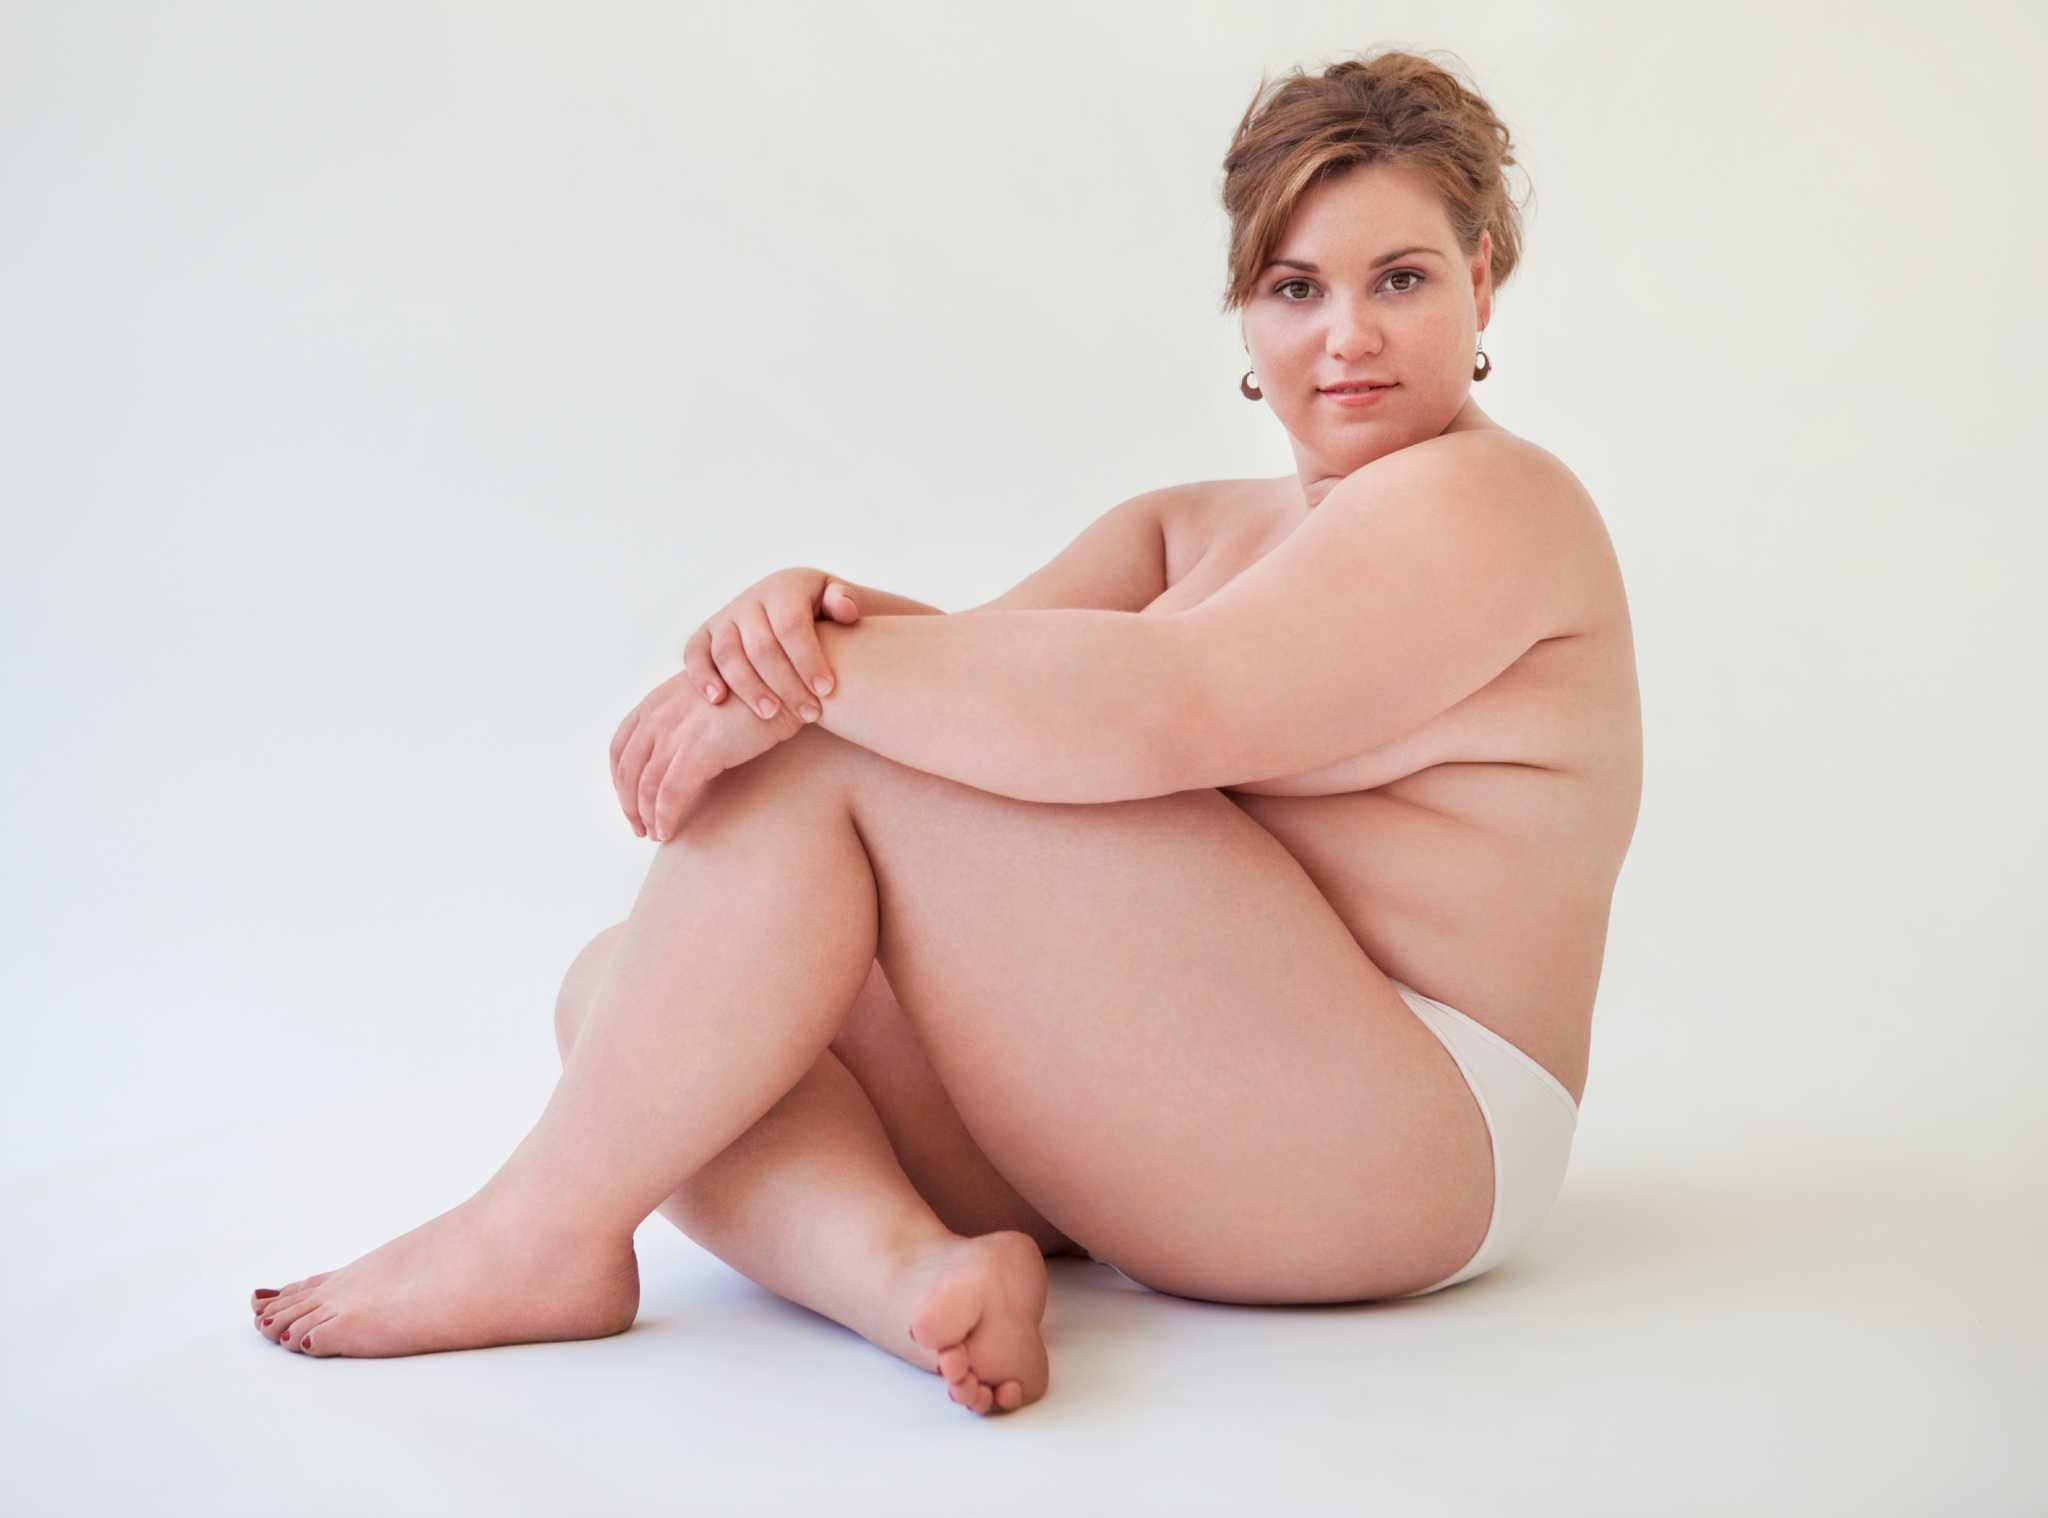 Секс с очень толстой молодой девушкой, Порно с молодыми толстушками 24 фотография